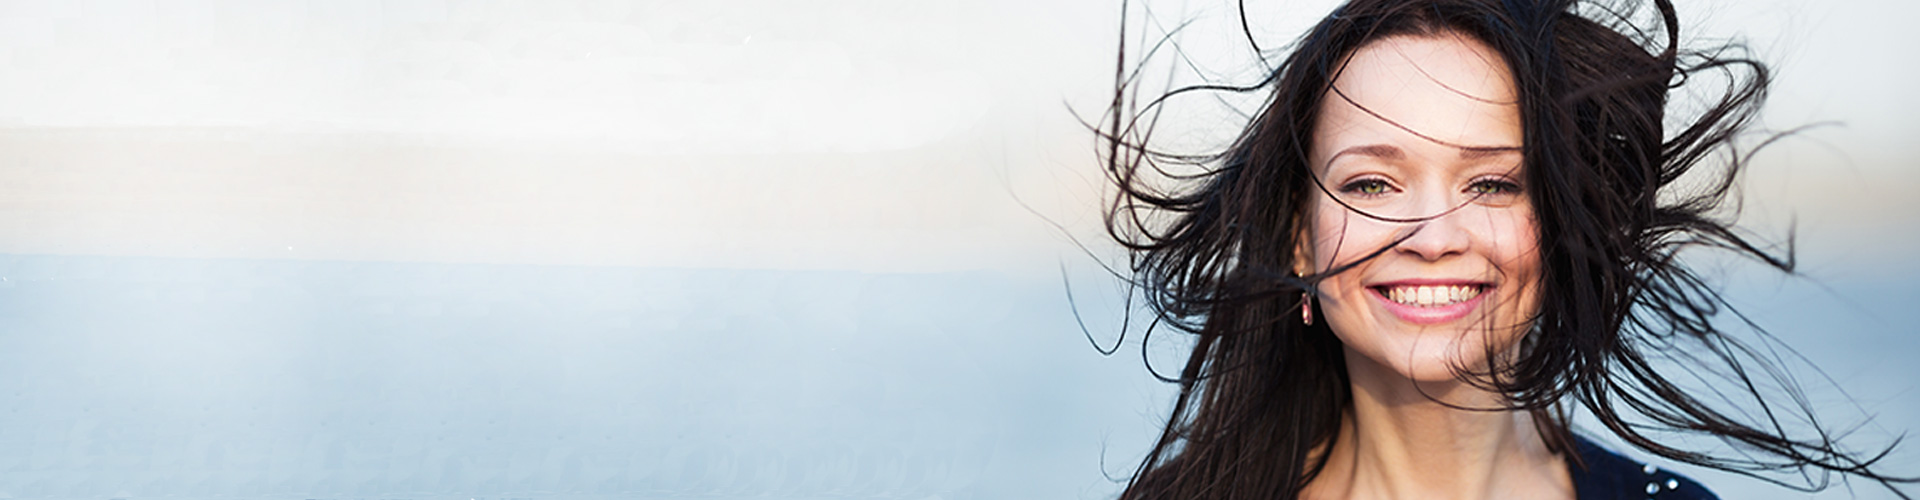 Frau im Wind mit zerzausten Haaren als Darstellung von Lüftungsanlagen